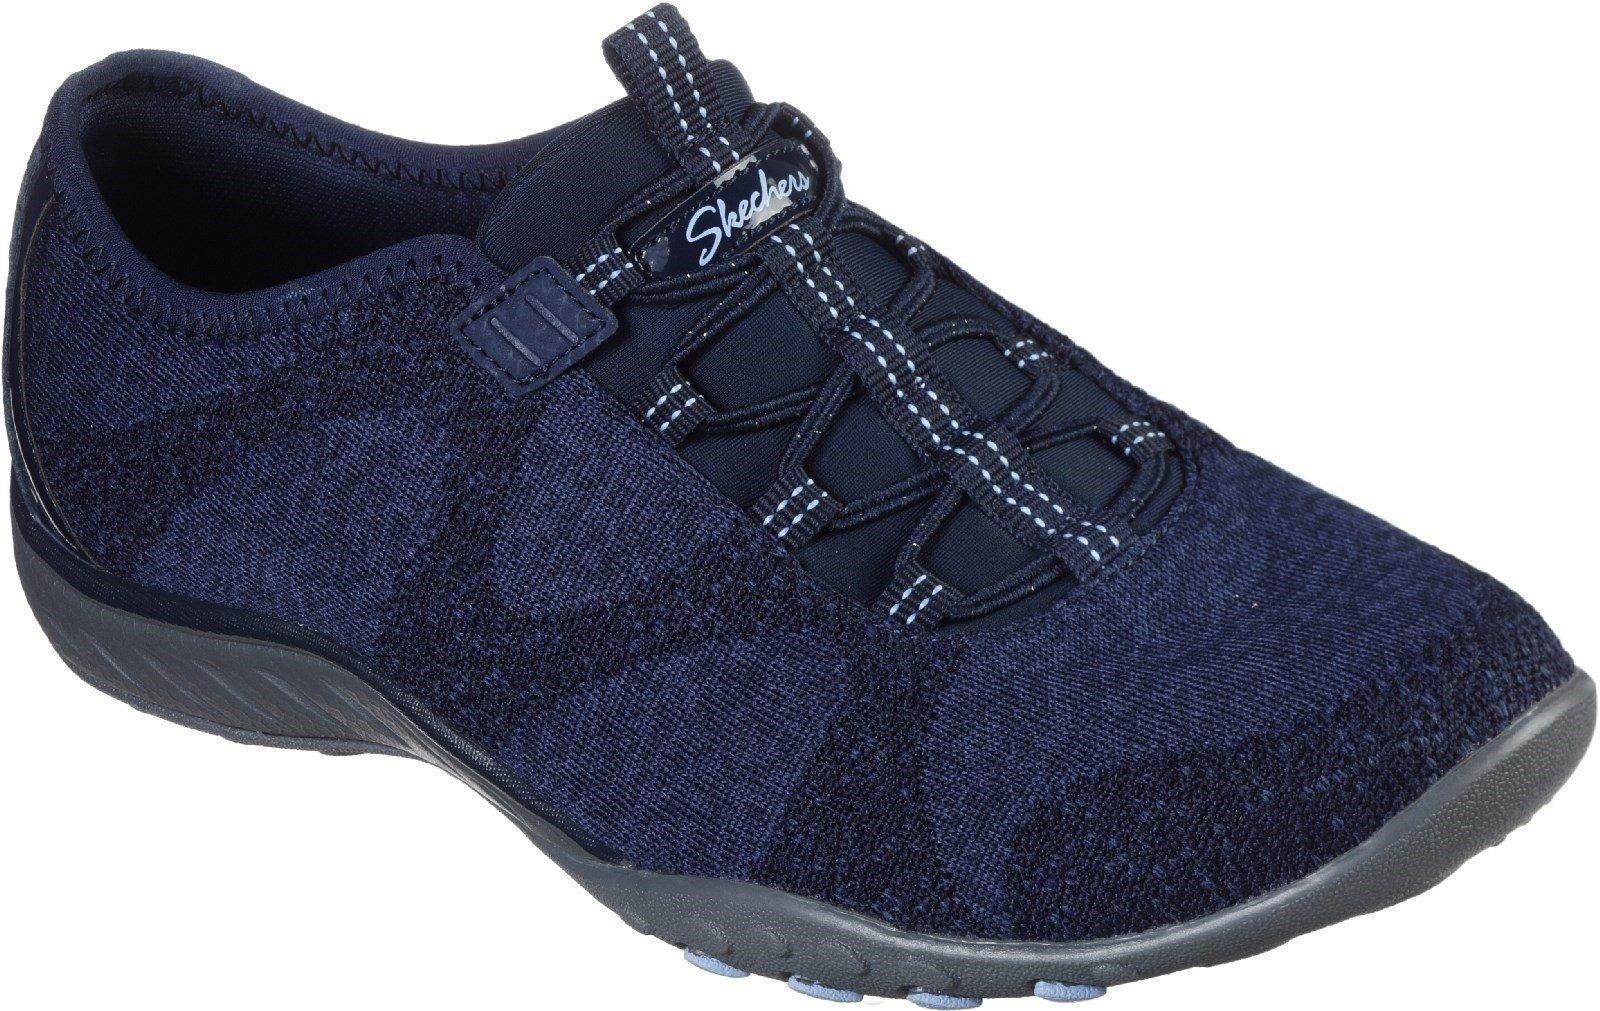 Skechers Women's Breathe-Easy Slip On Shoe Various Colours 30326 - Navy 3